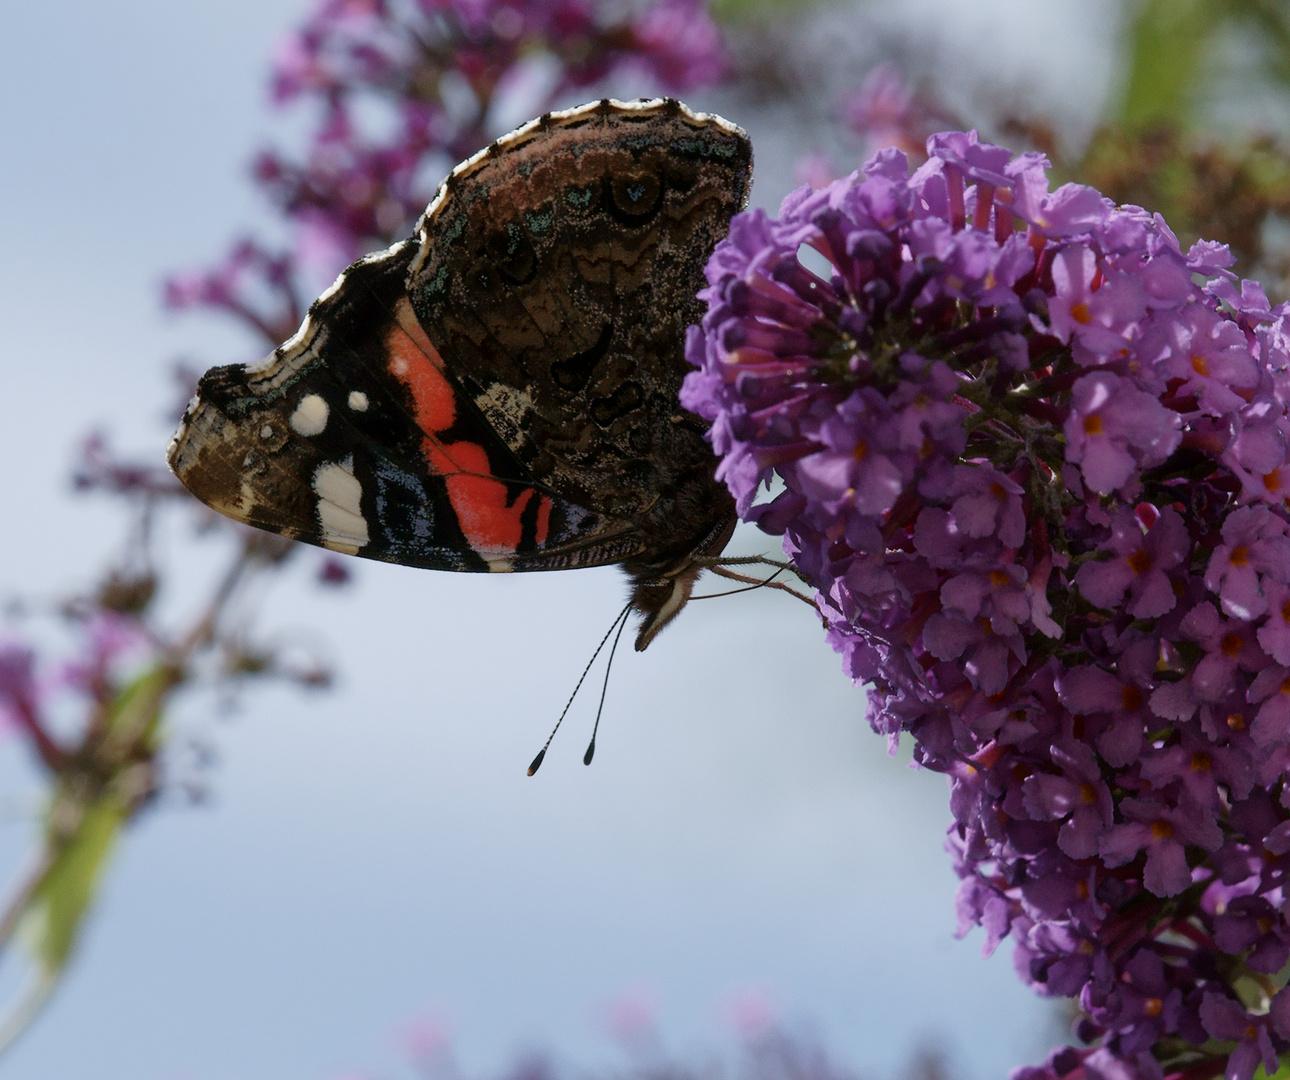 Schmetterling auf Flieder, zugeschnitten